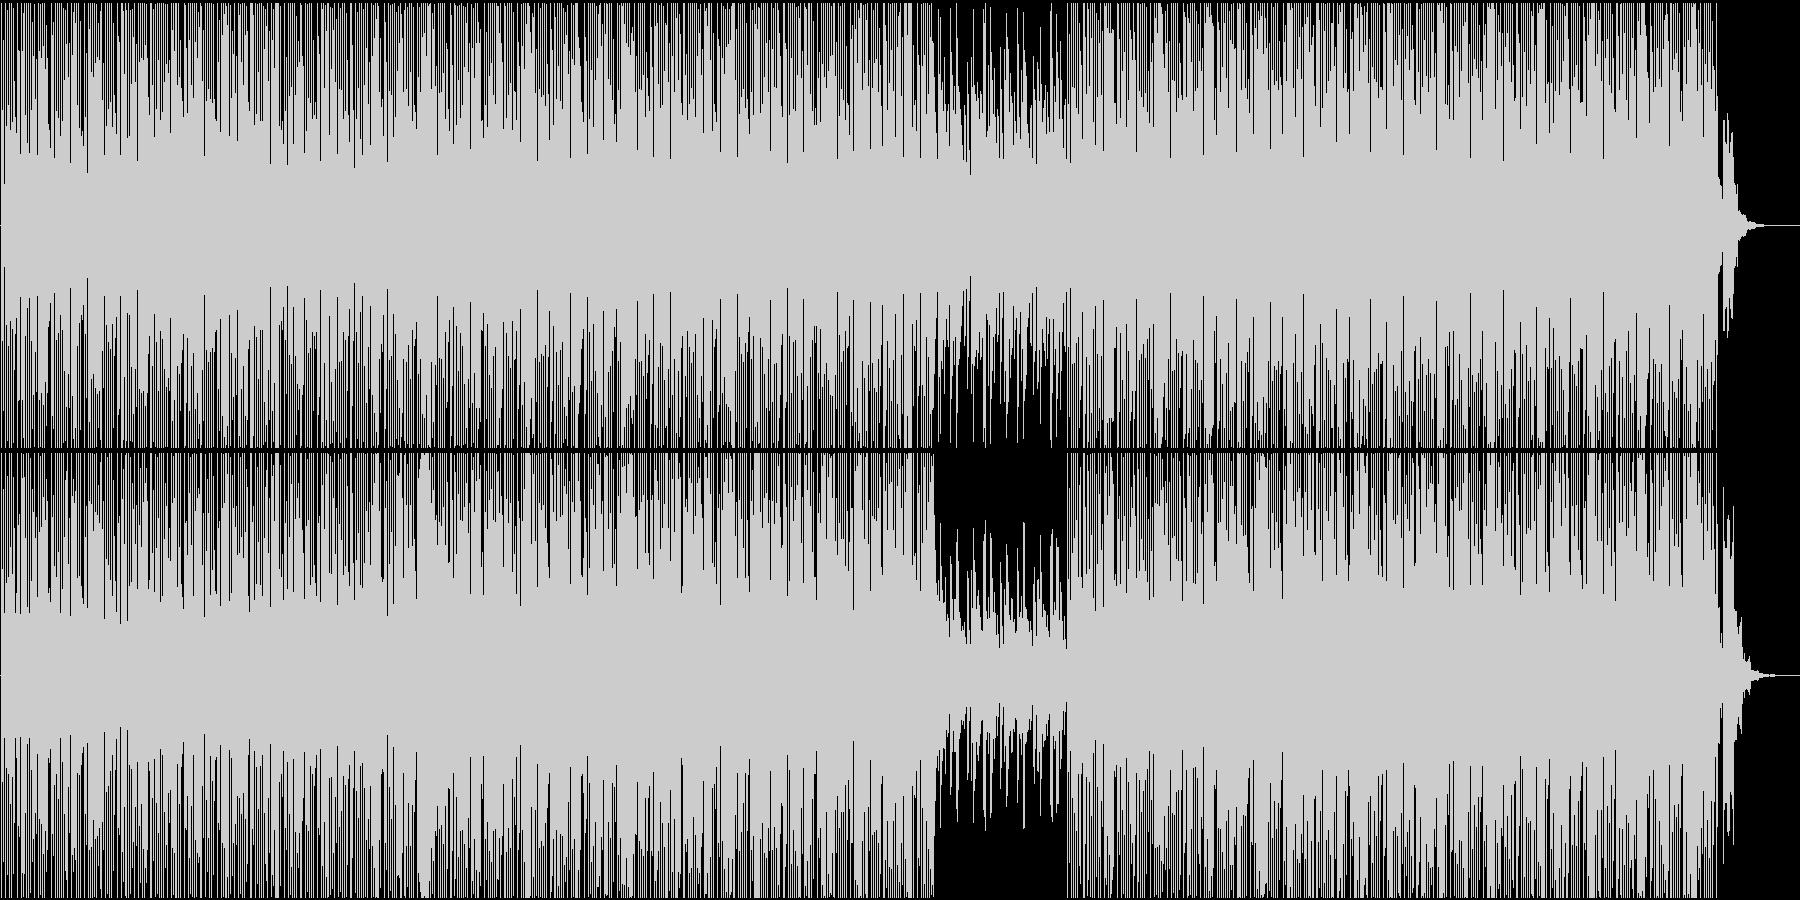 ドキュメンタリー科学番組などBGMの未再生の波形